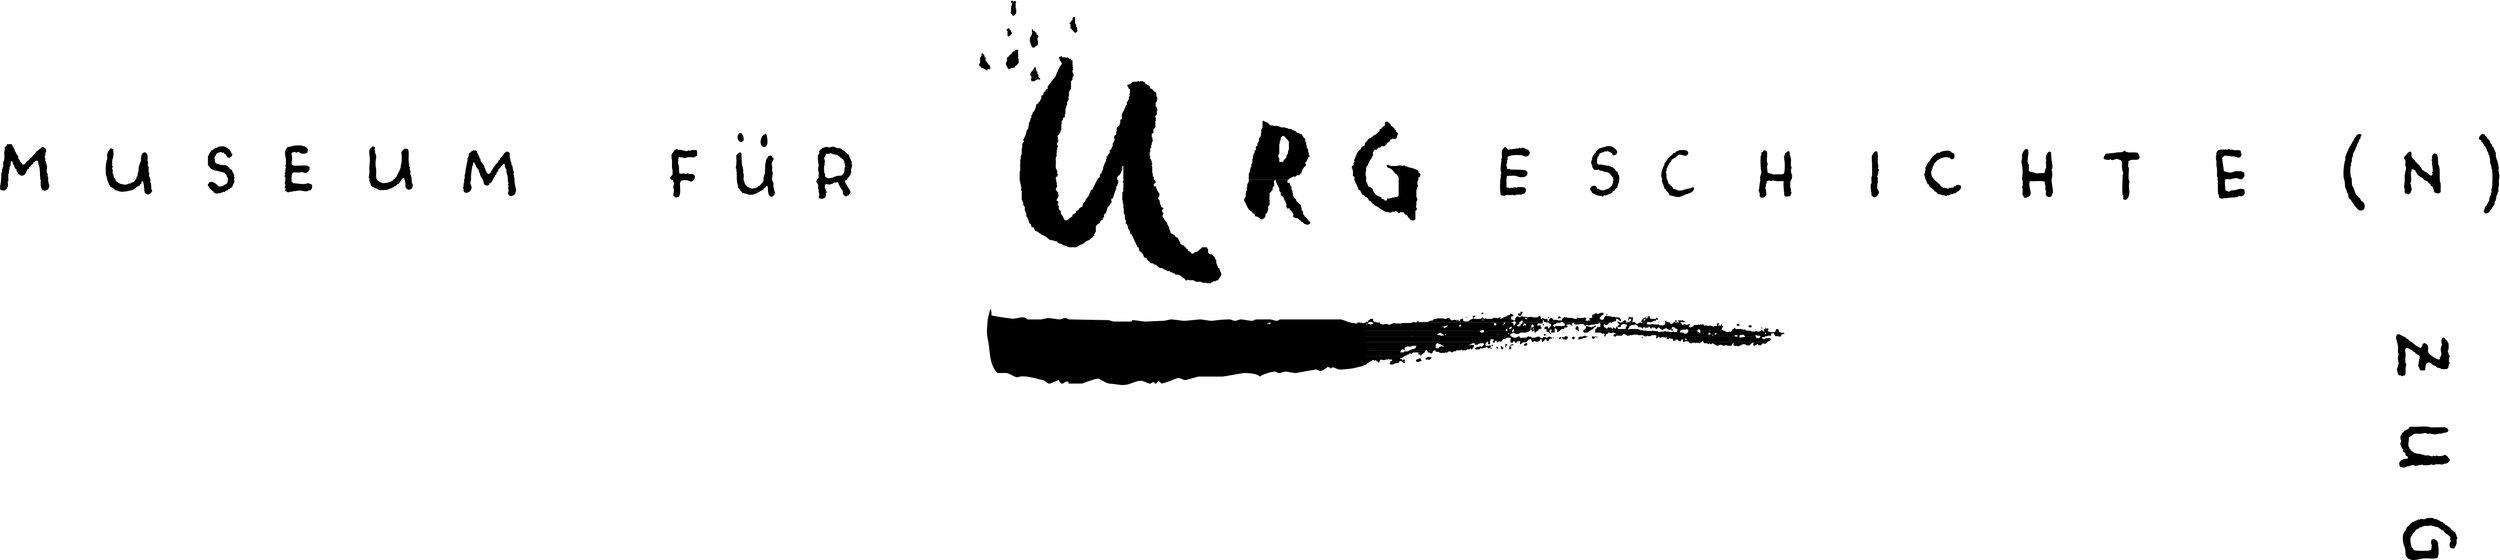 Kmuz-logo-2_sw.jpg